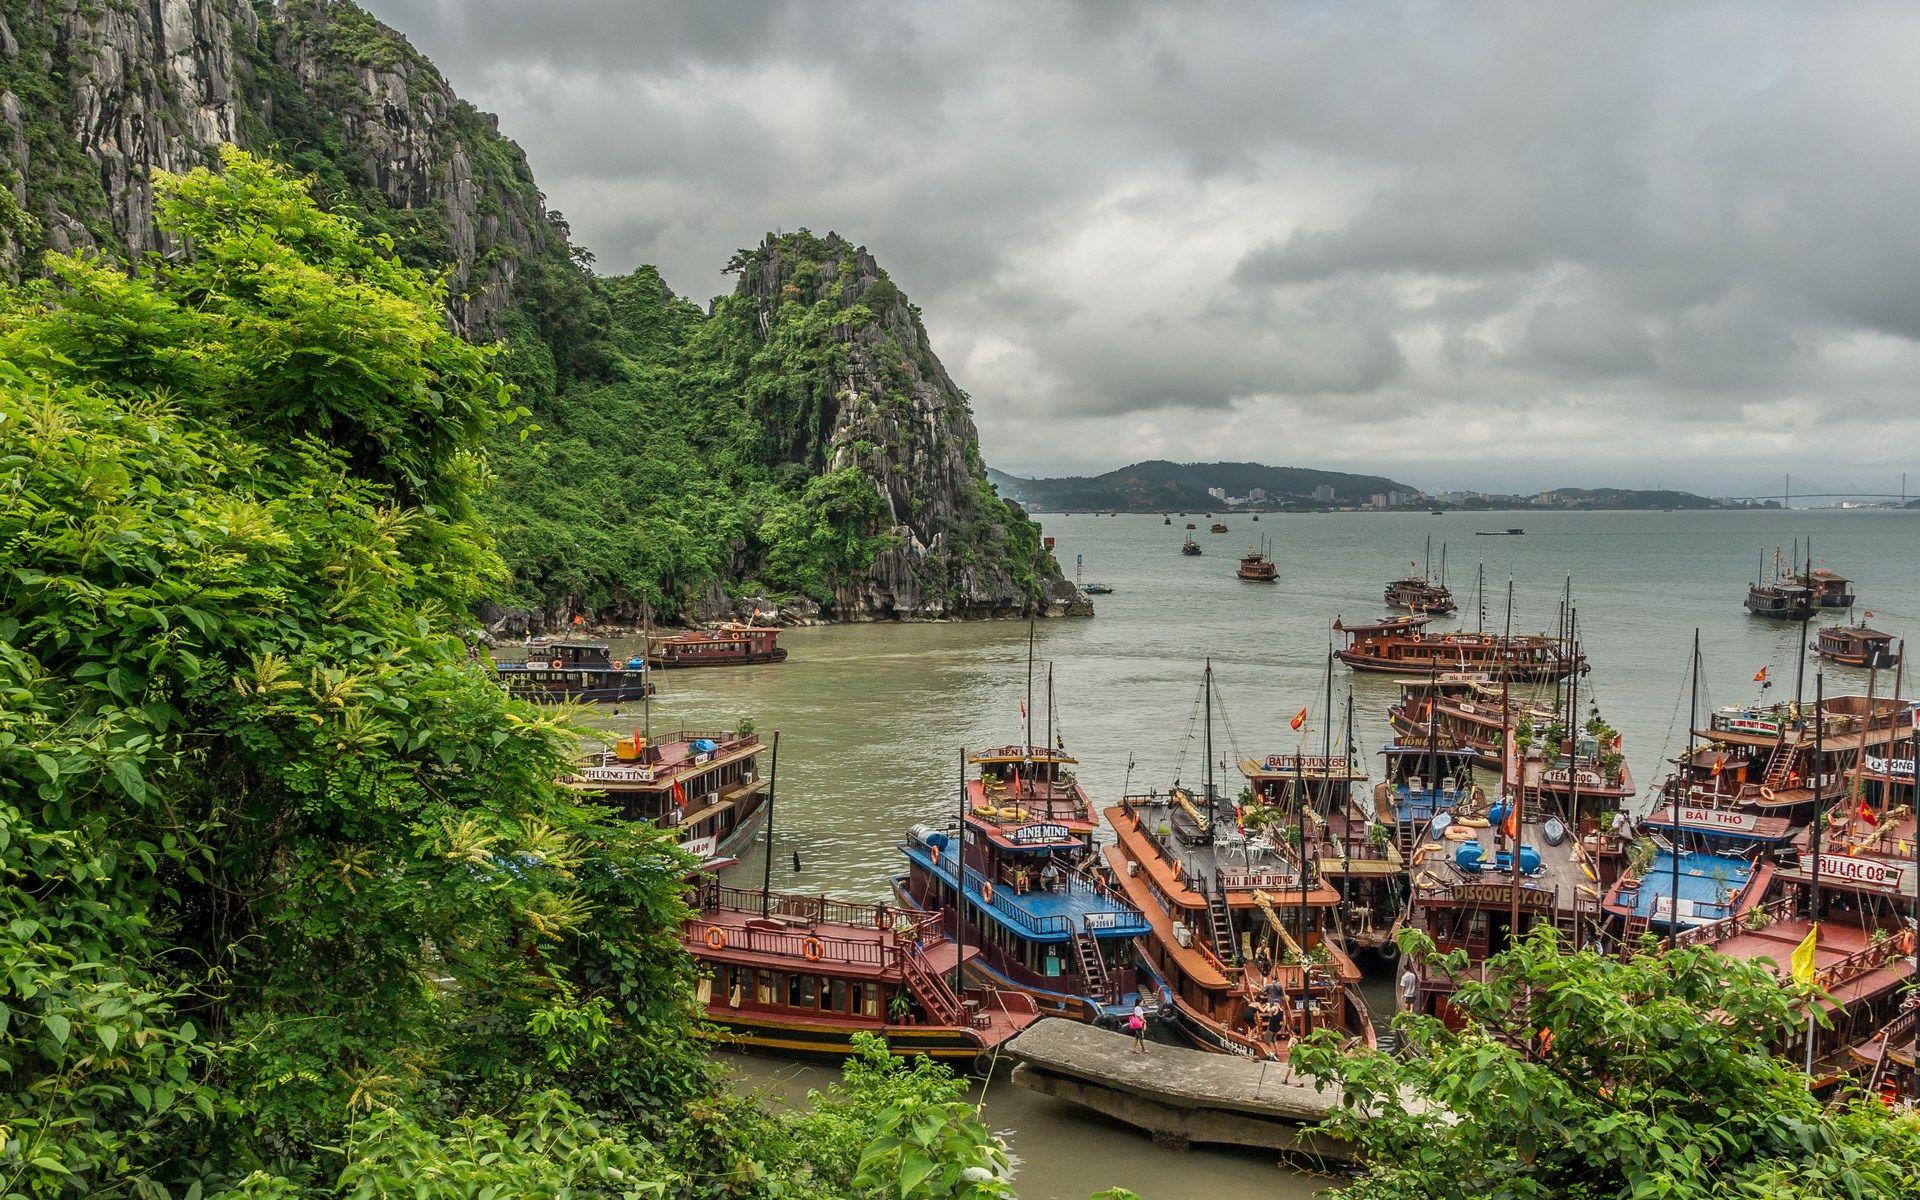 наборы вьетнам экзотические фото возможно, для многих